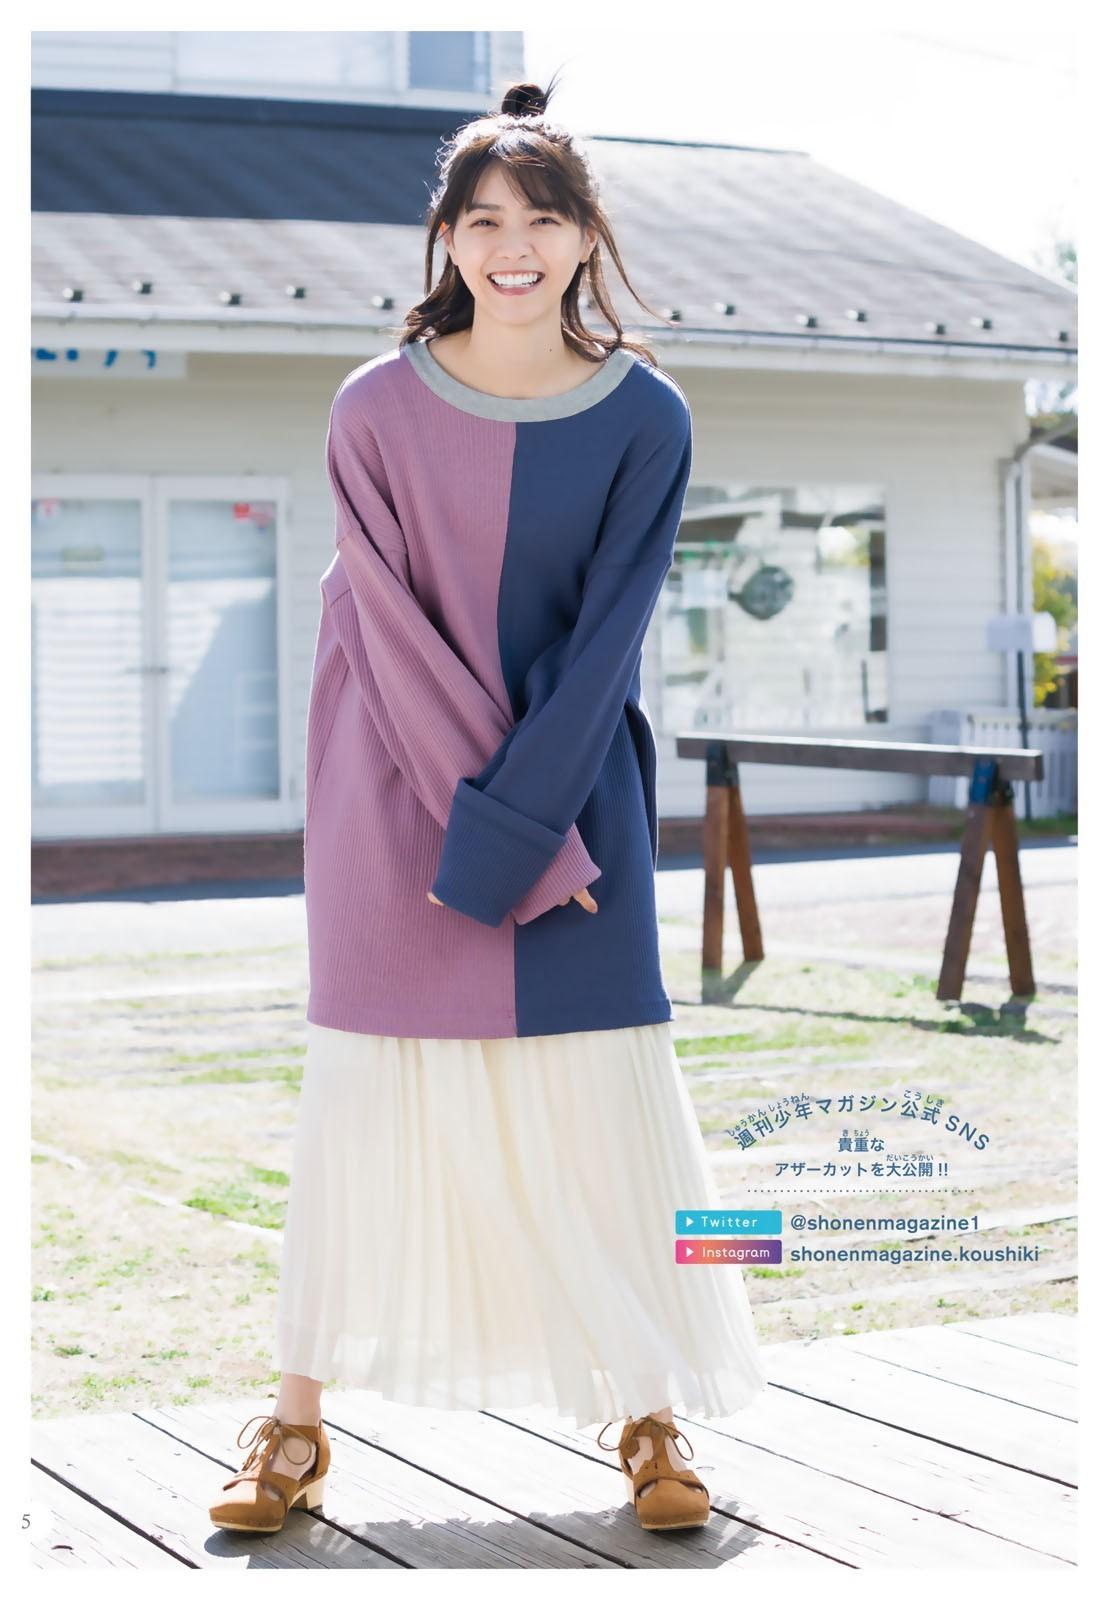 西野七濑 少年Magazine007